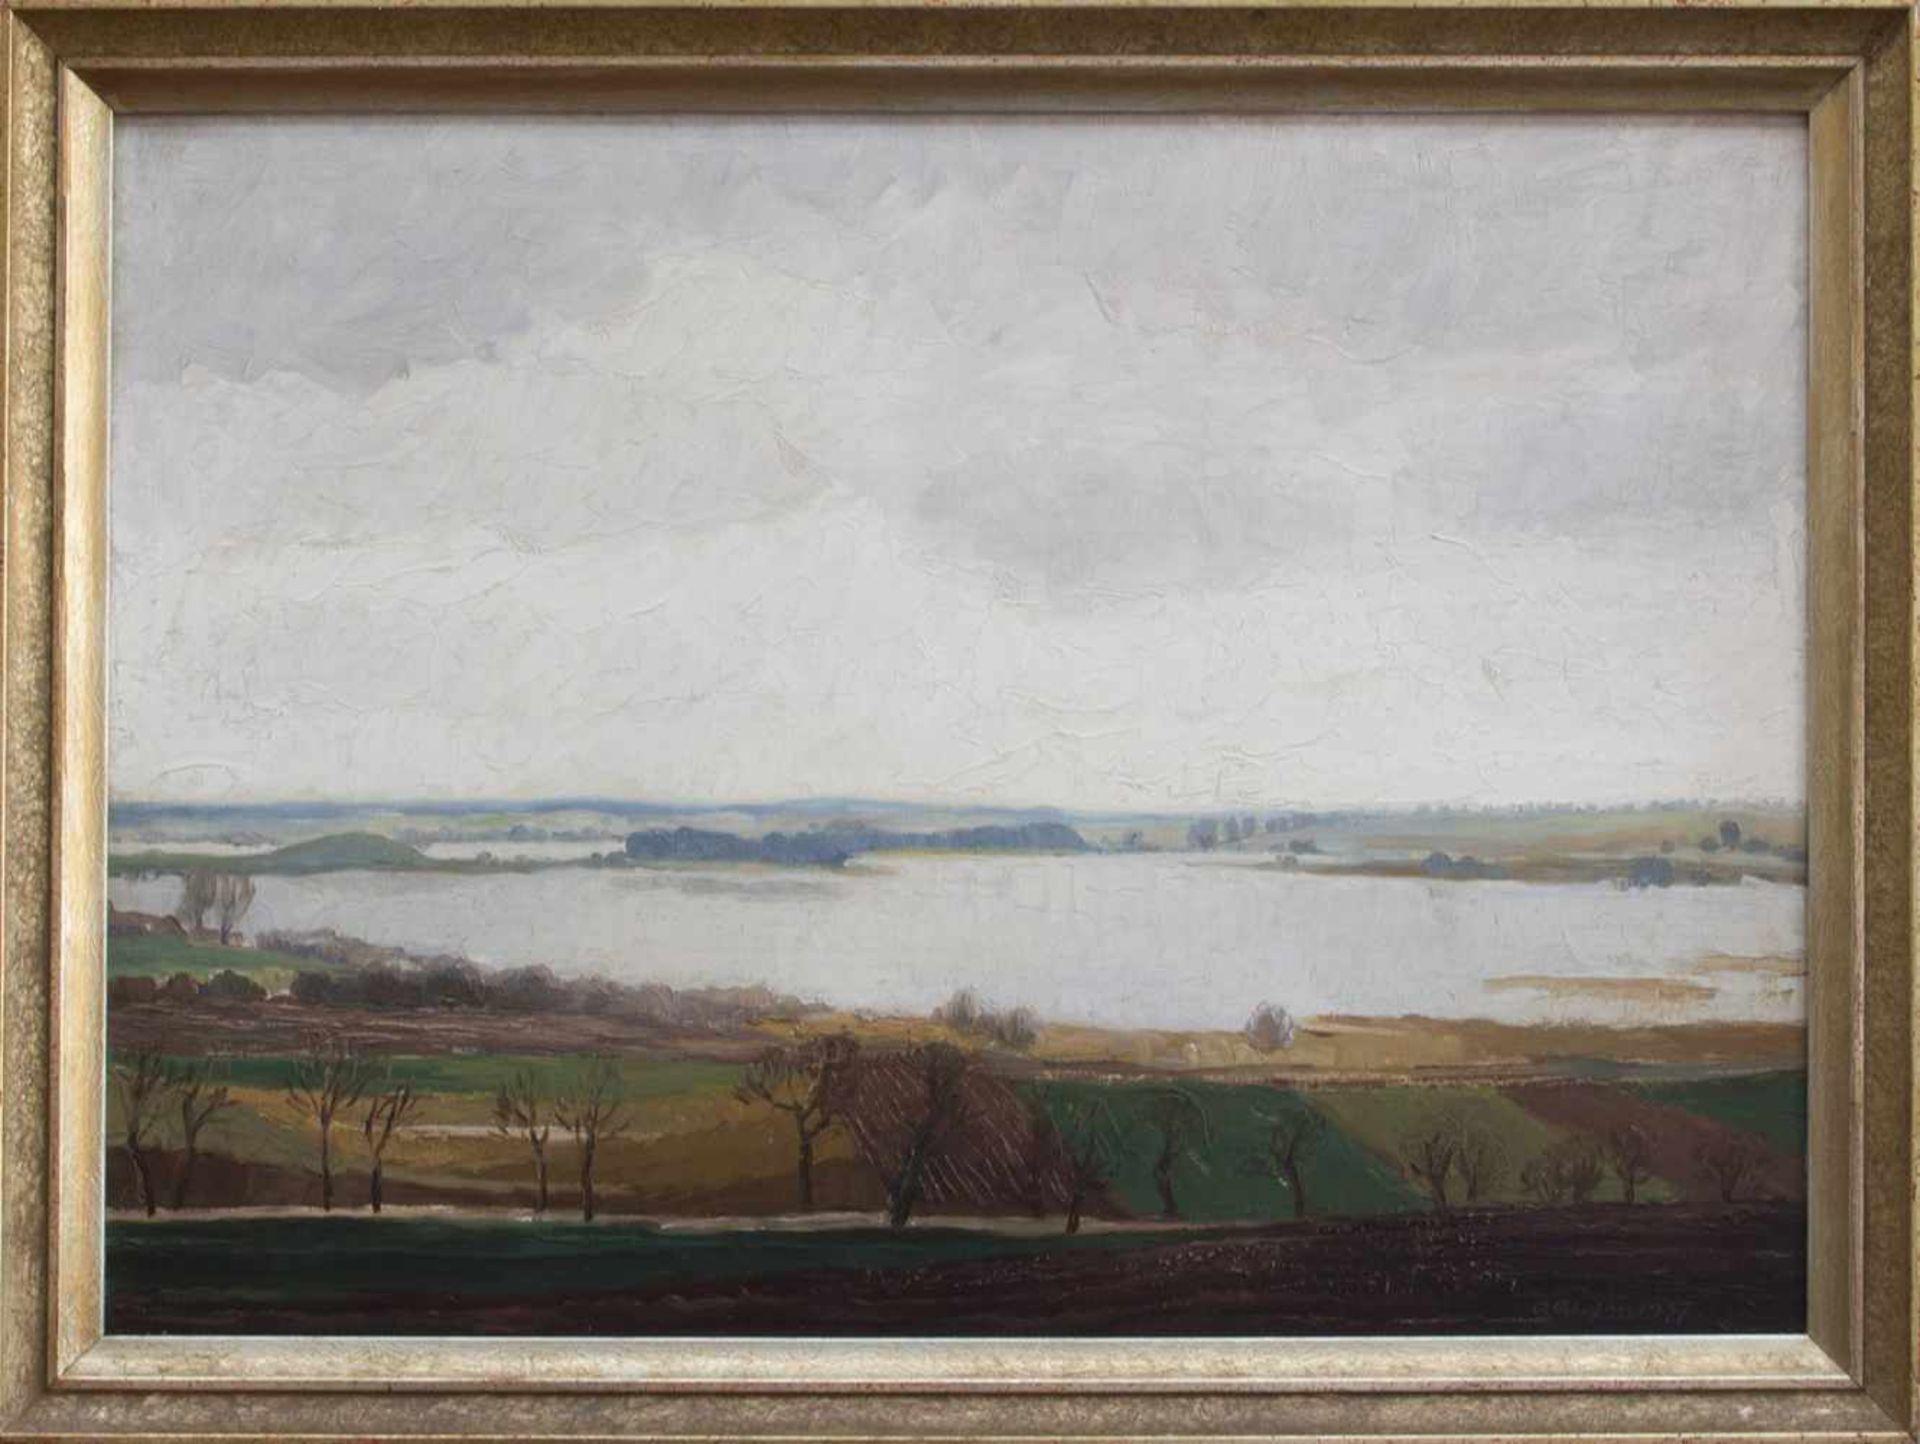 Karl Christian Klasen (Güstrow 1911 - 1945 bei Königsberg, deutscher Maler u. Zeichner, Std. a.d. AK